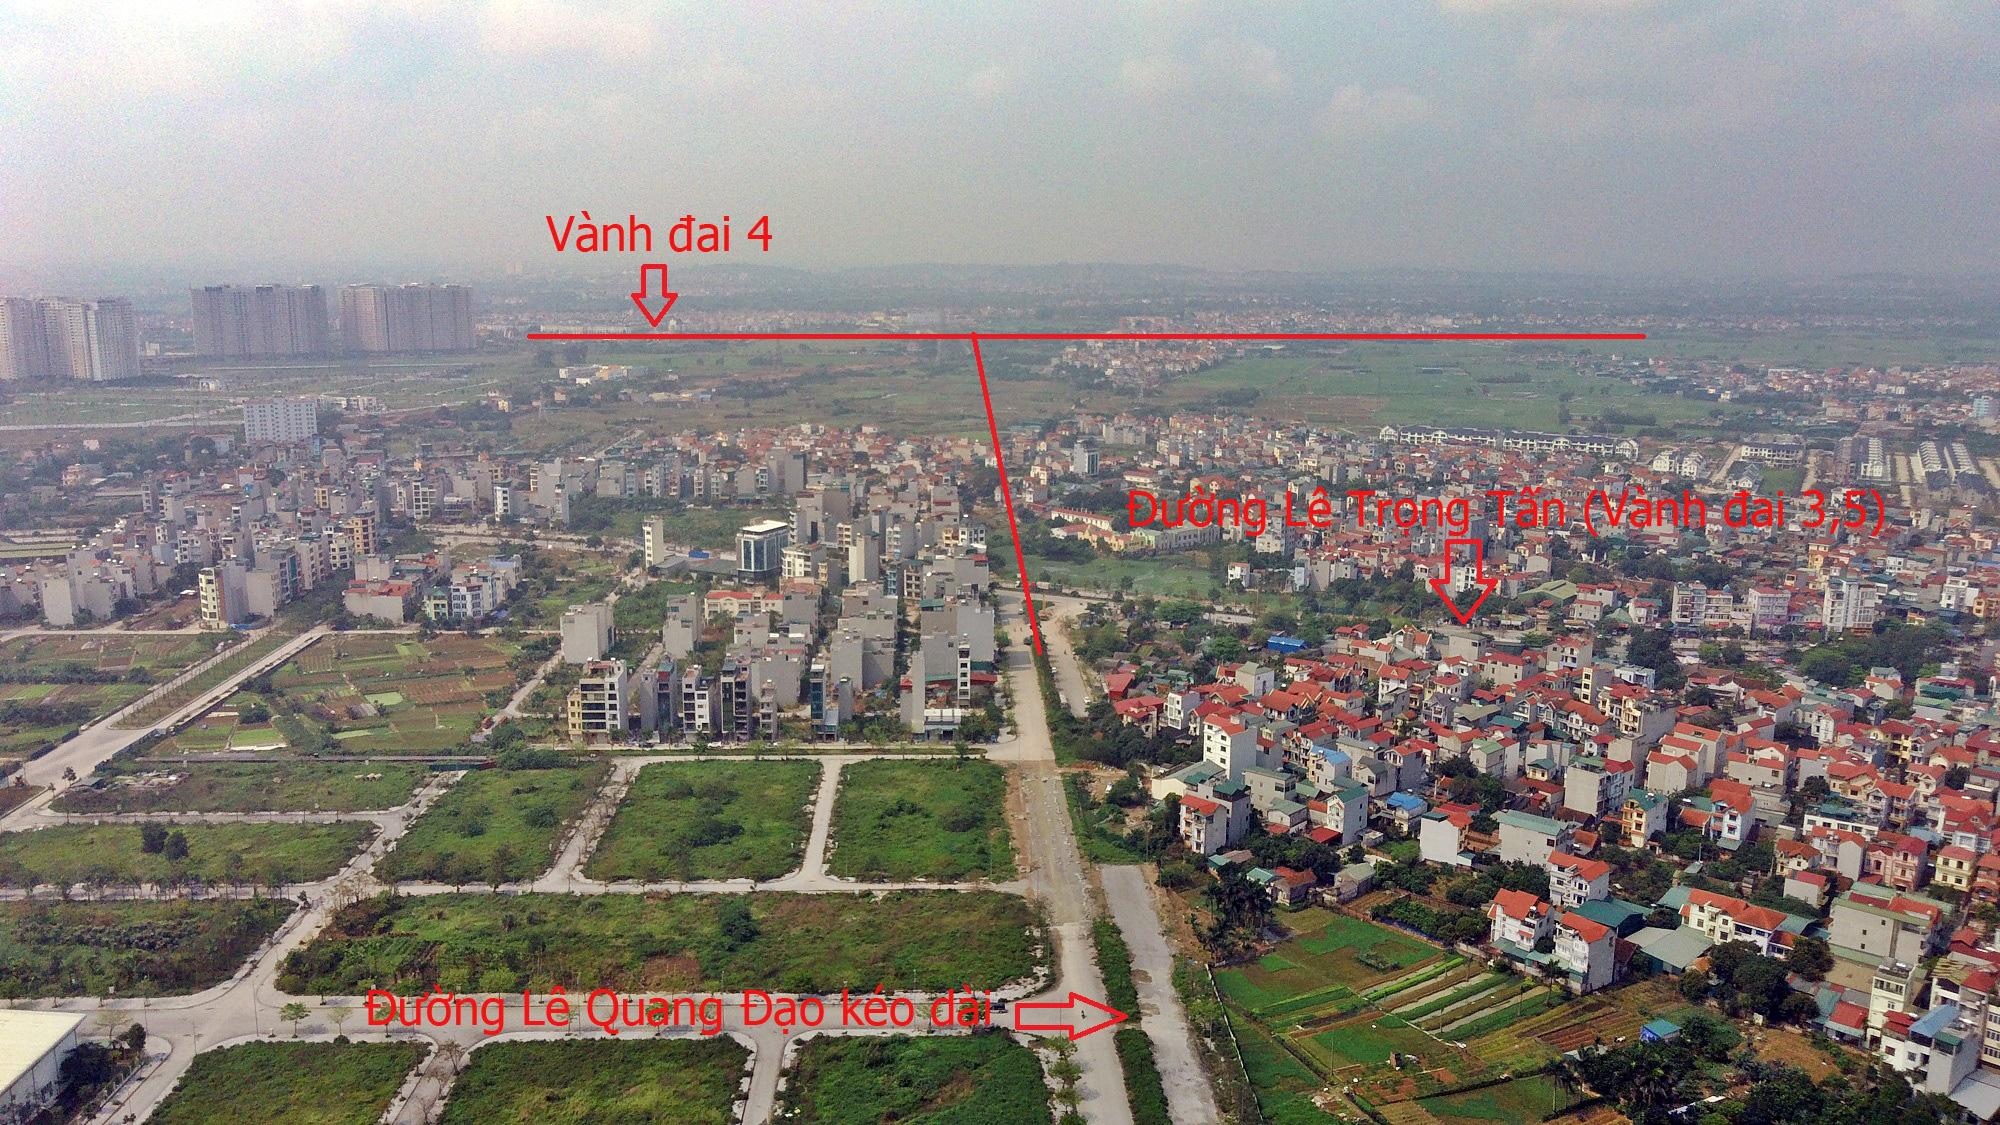 Đường sẽ mở theo qui hoạch ở Hà Nội: Toàn cảnh đường Lê Quang Đạo kéo dài qua KĐT Dương Nội - Ảnh 17.